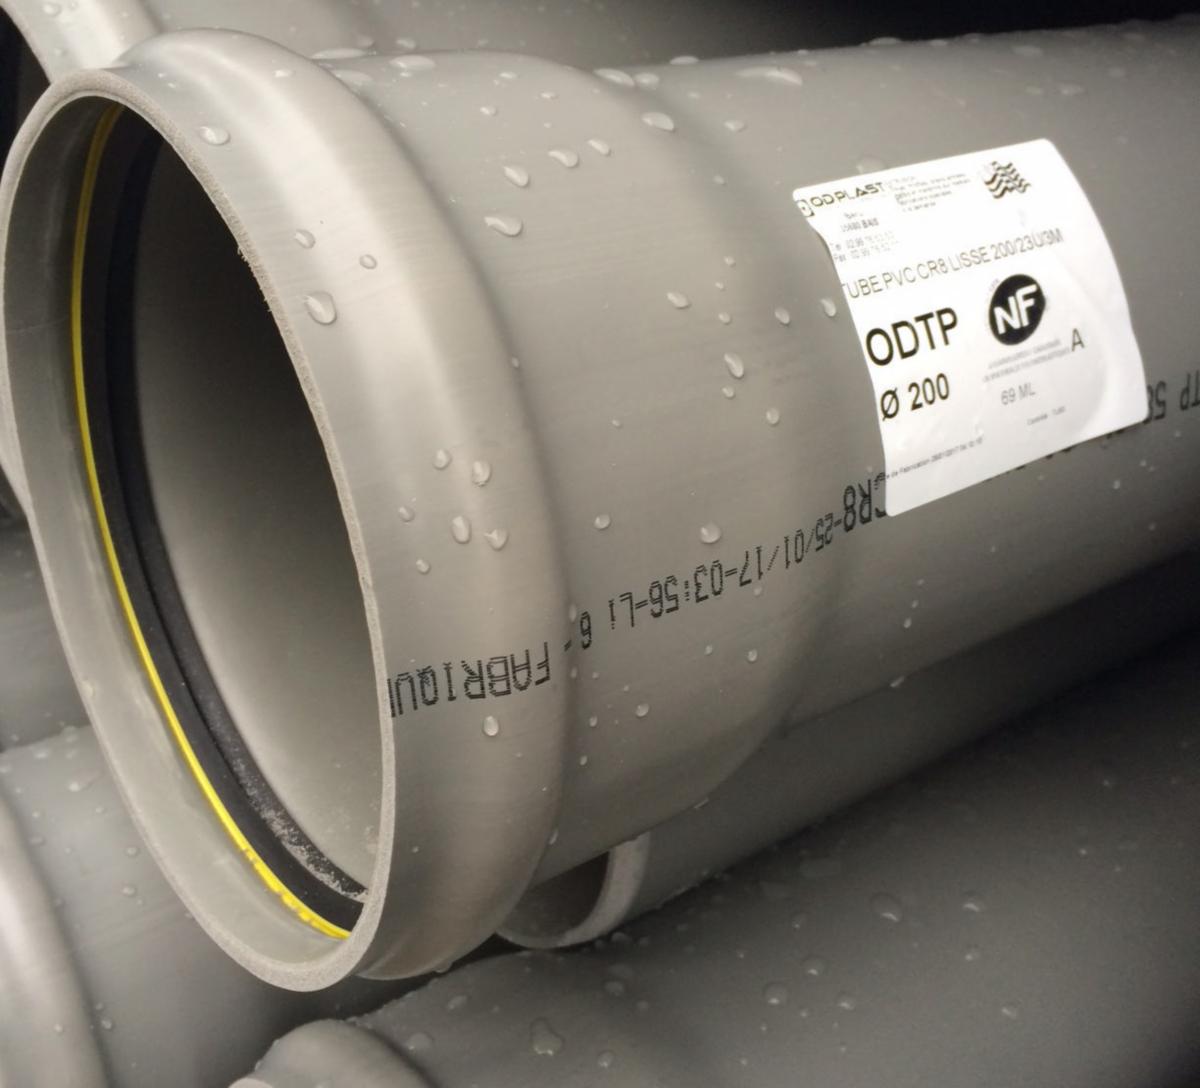 Point P Carrelage Mural Élégant Photographie Tube Pvc Cr8 L Lisse Diam¨tre 200 Avec Joint Longueur 3m Od Plast